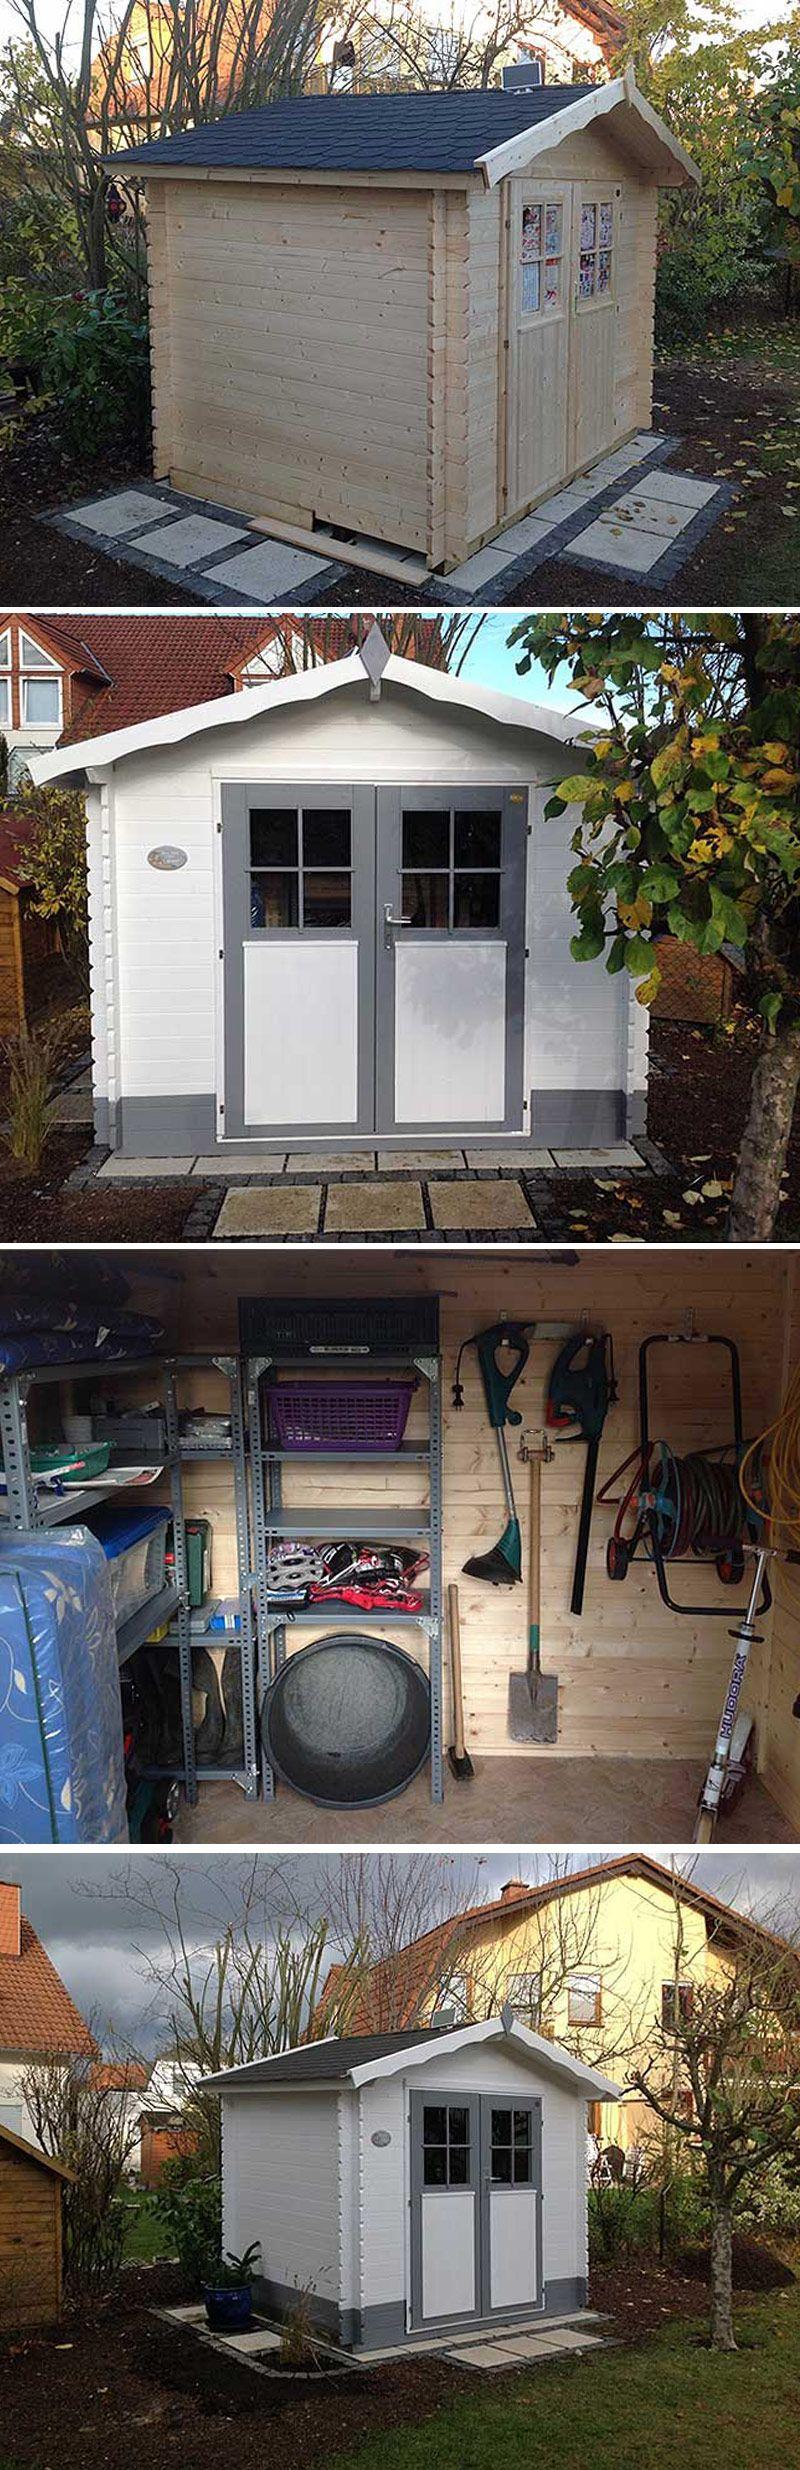 Gerätehaus CAROL Aufbau, Einrichtung und Solarlicht